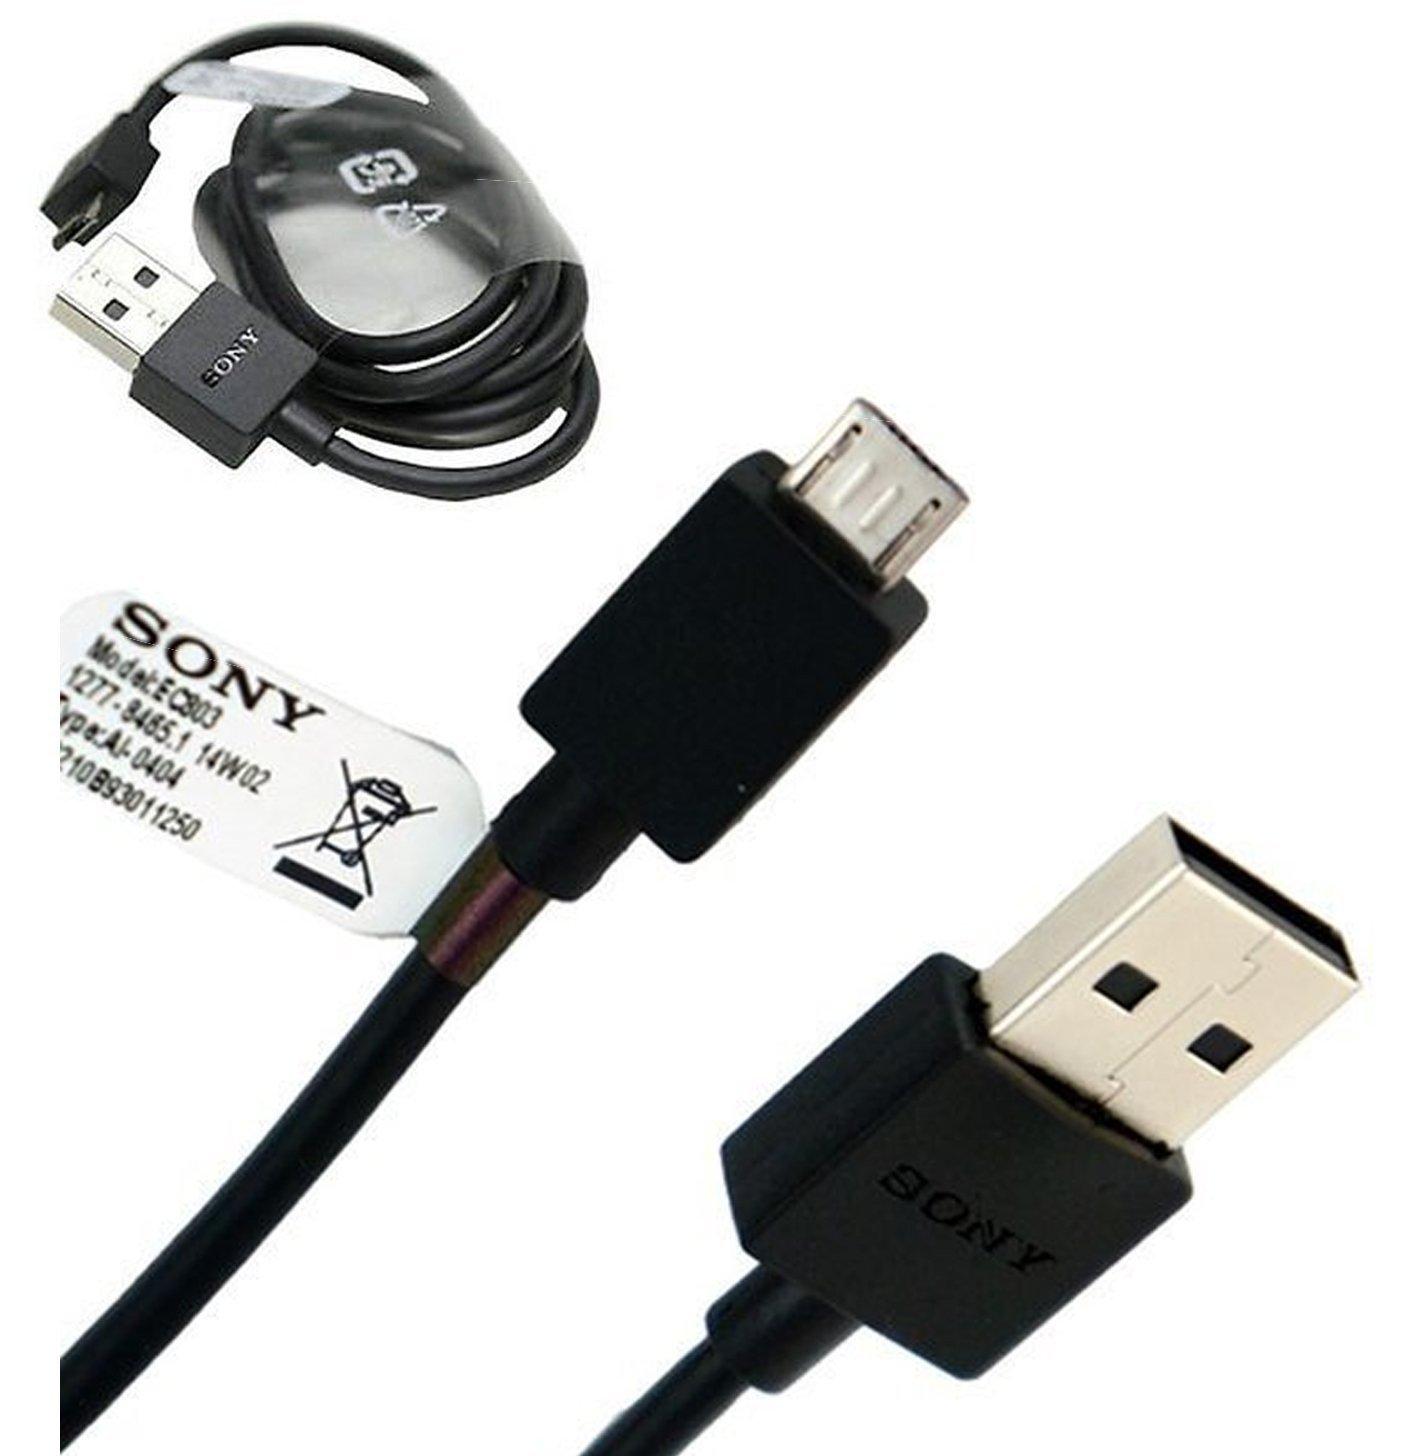 Sony USB datakabel EC803